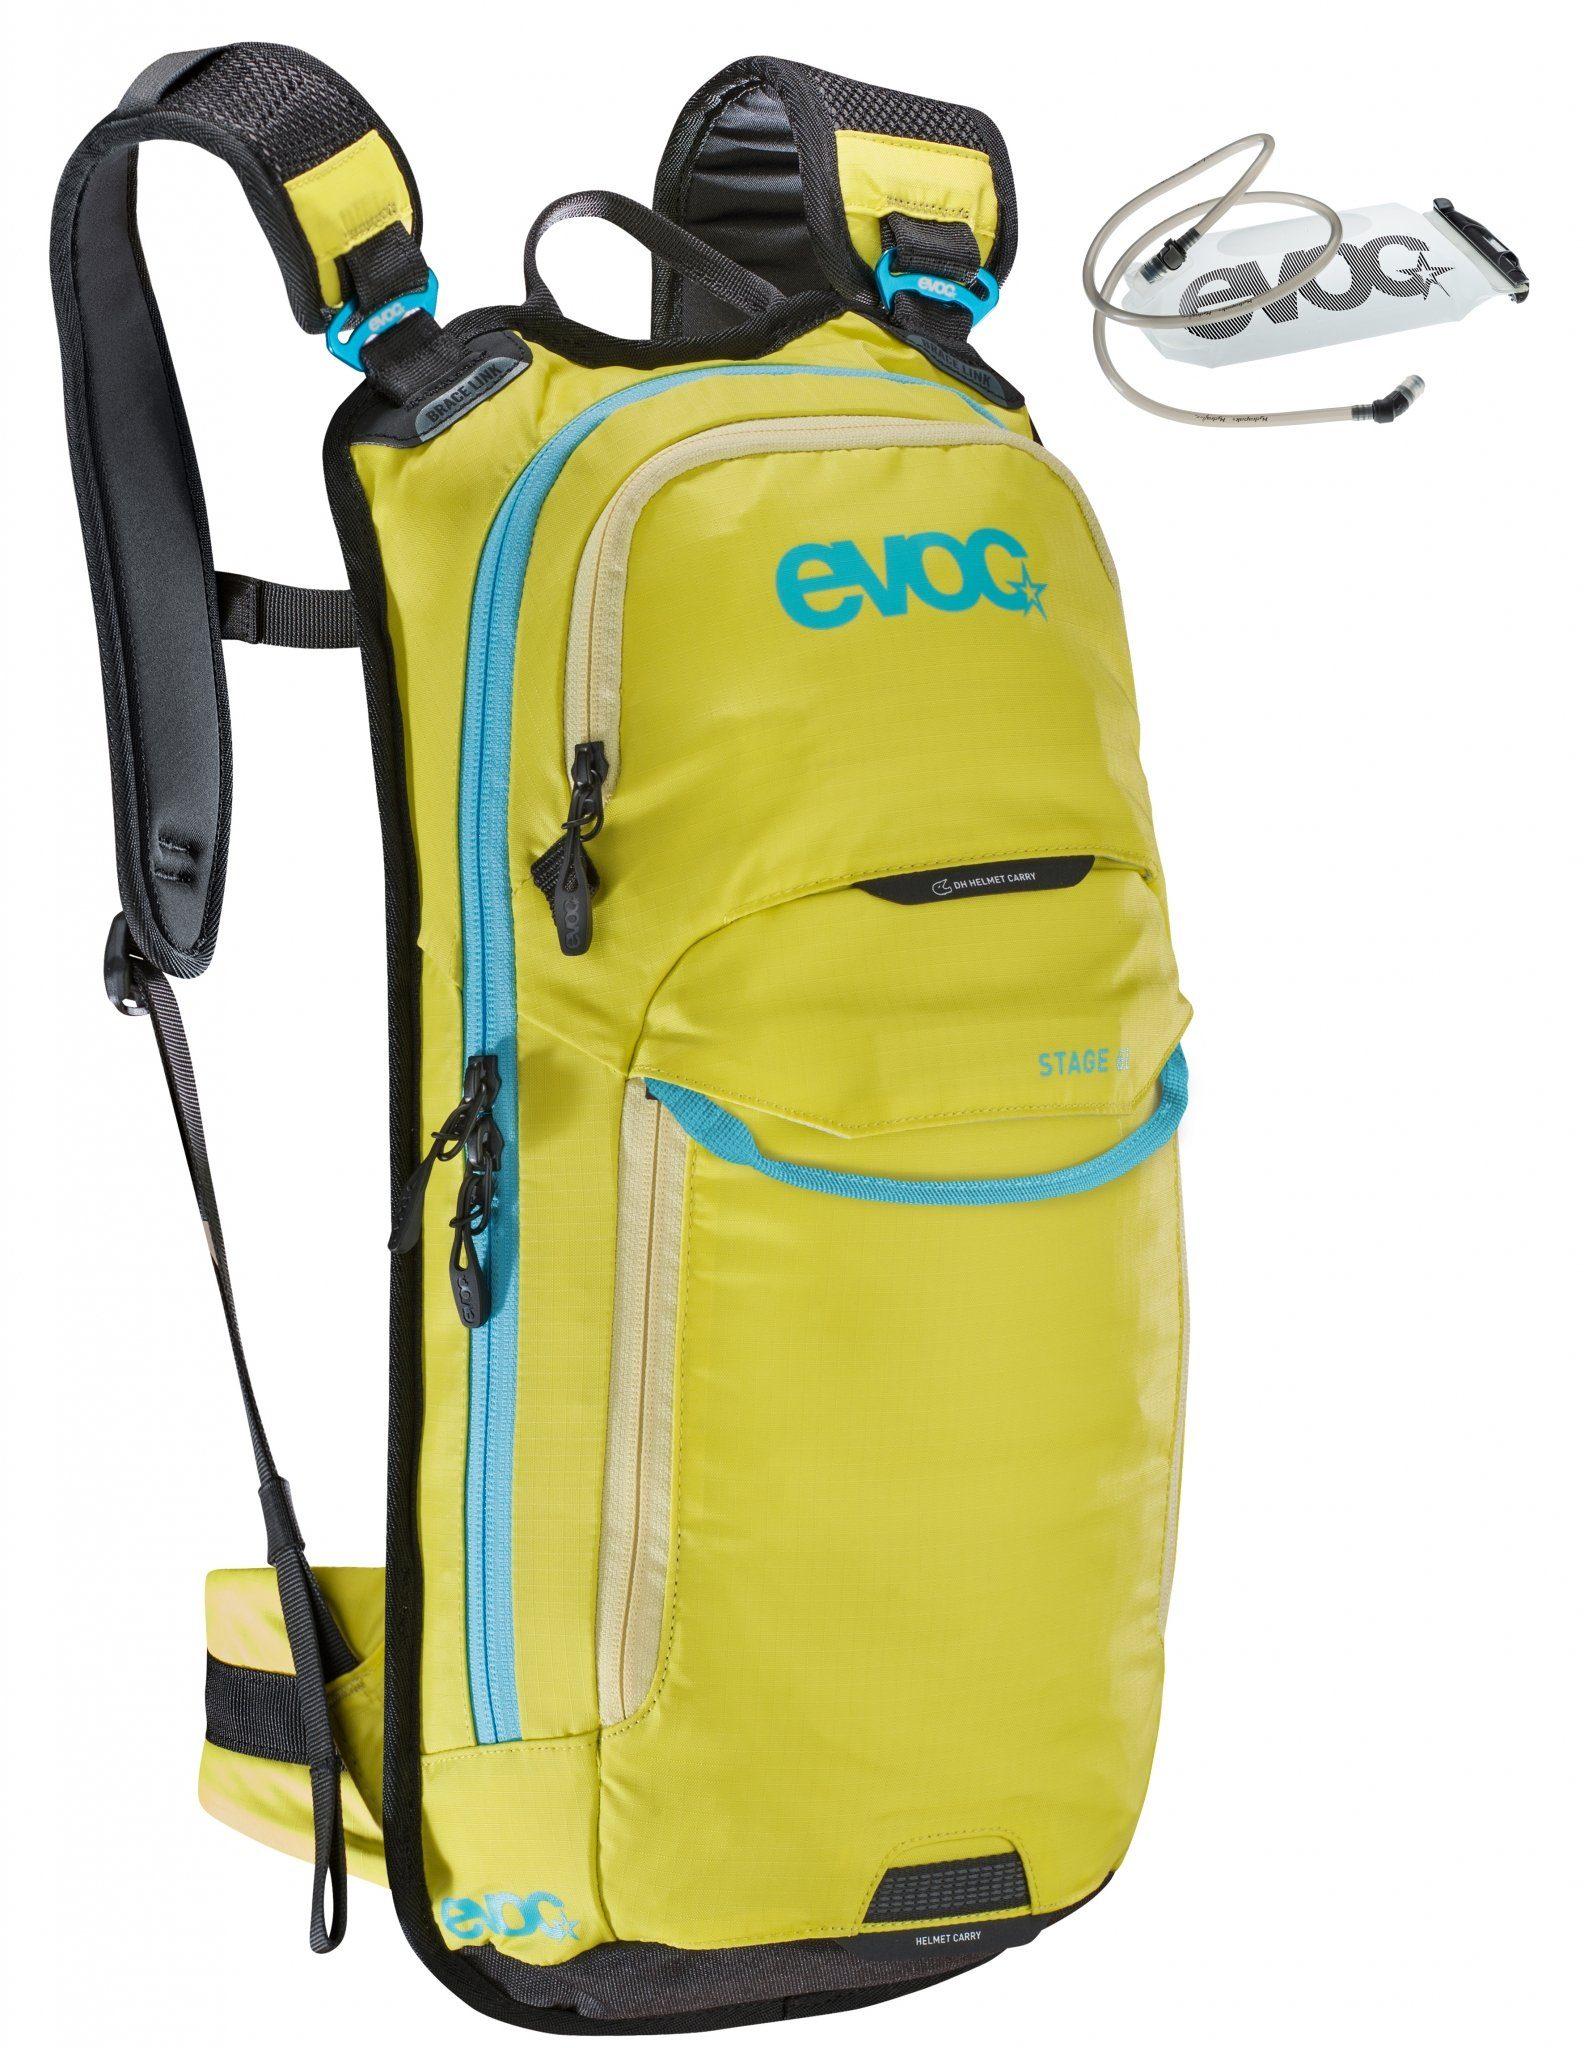 EVOC Rucksack »Stage Backpack 6 L + Hydration Bladder 2 L«